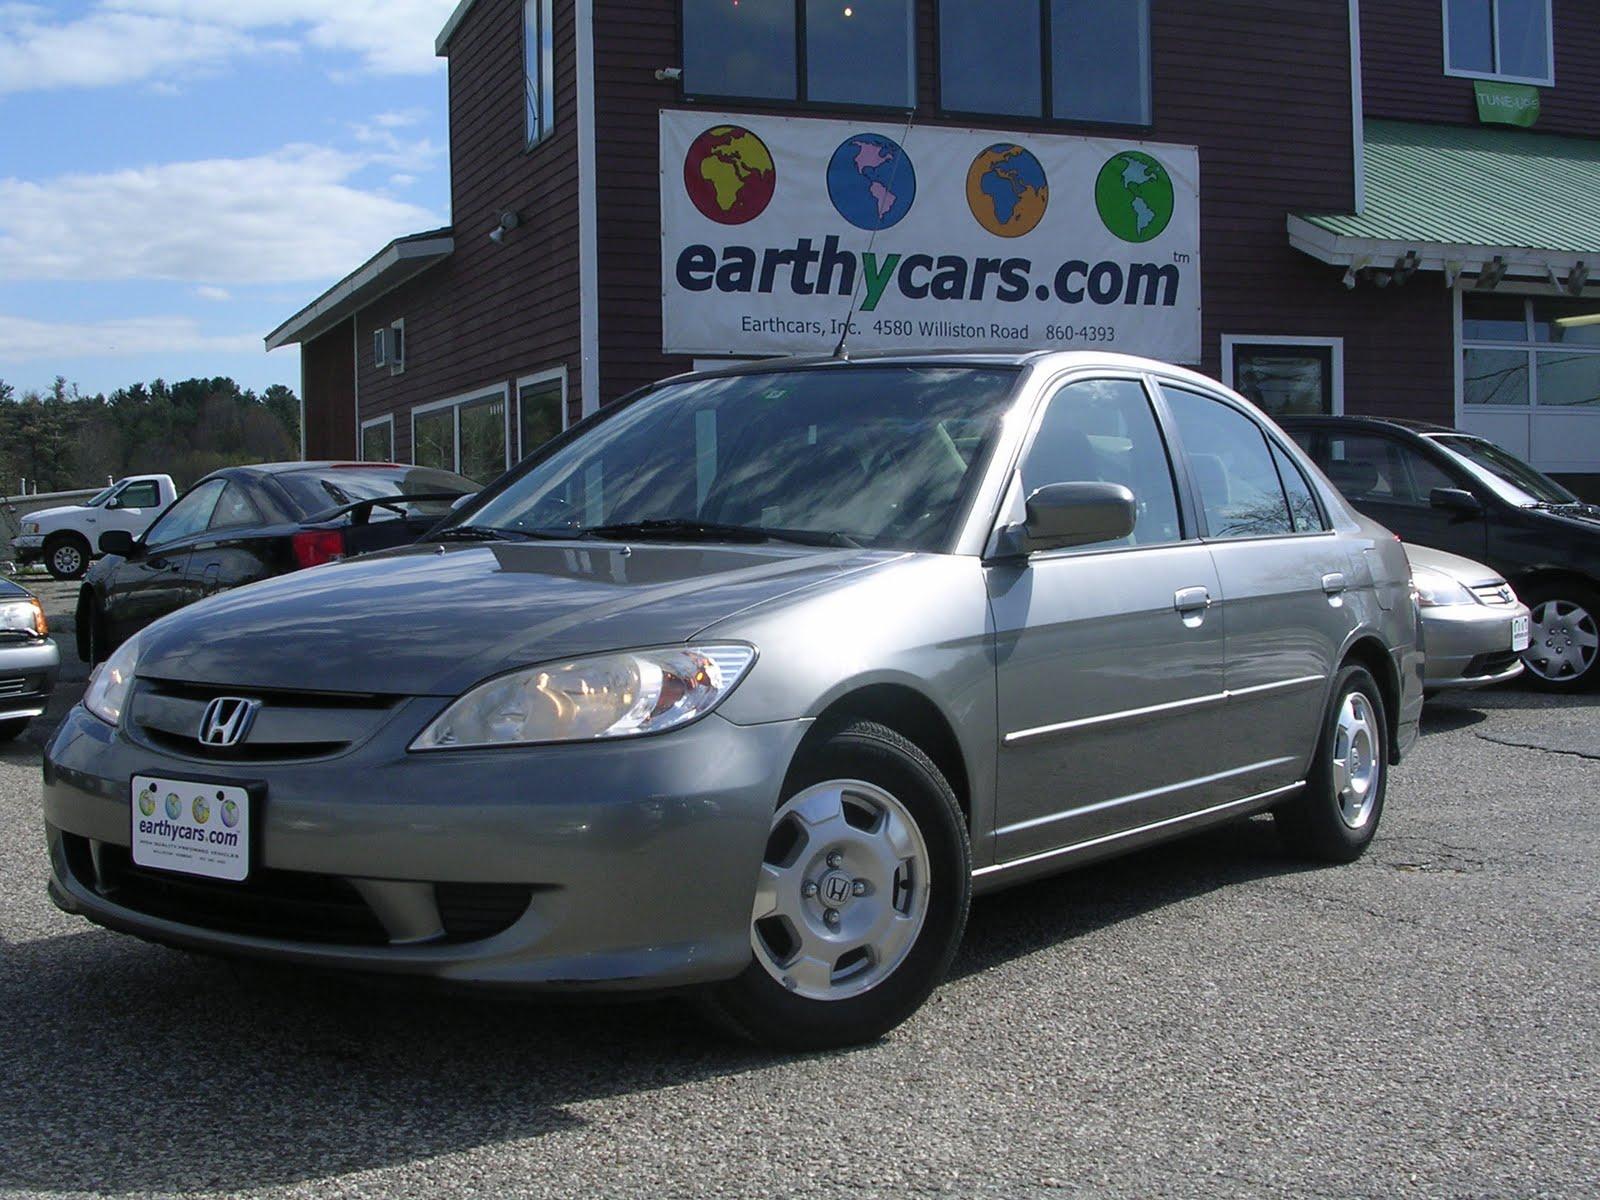 2004 Honda Civic Hybrid W/ULEV, Sedan, Grey, 118488 Mi, $18,900  Http://bit.ly/jIQKxa 5 Spd Manual, MPG U003d 37/45 SOLD